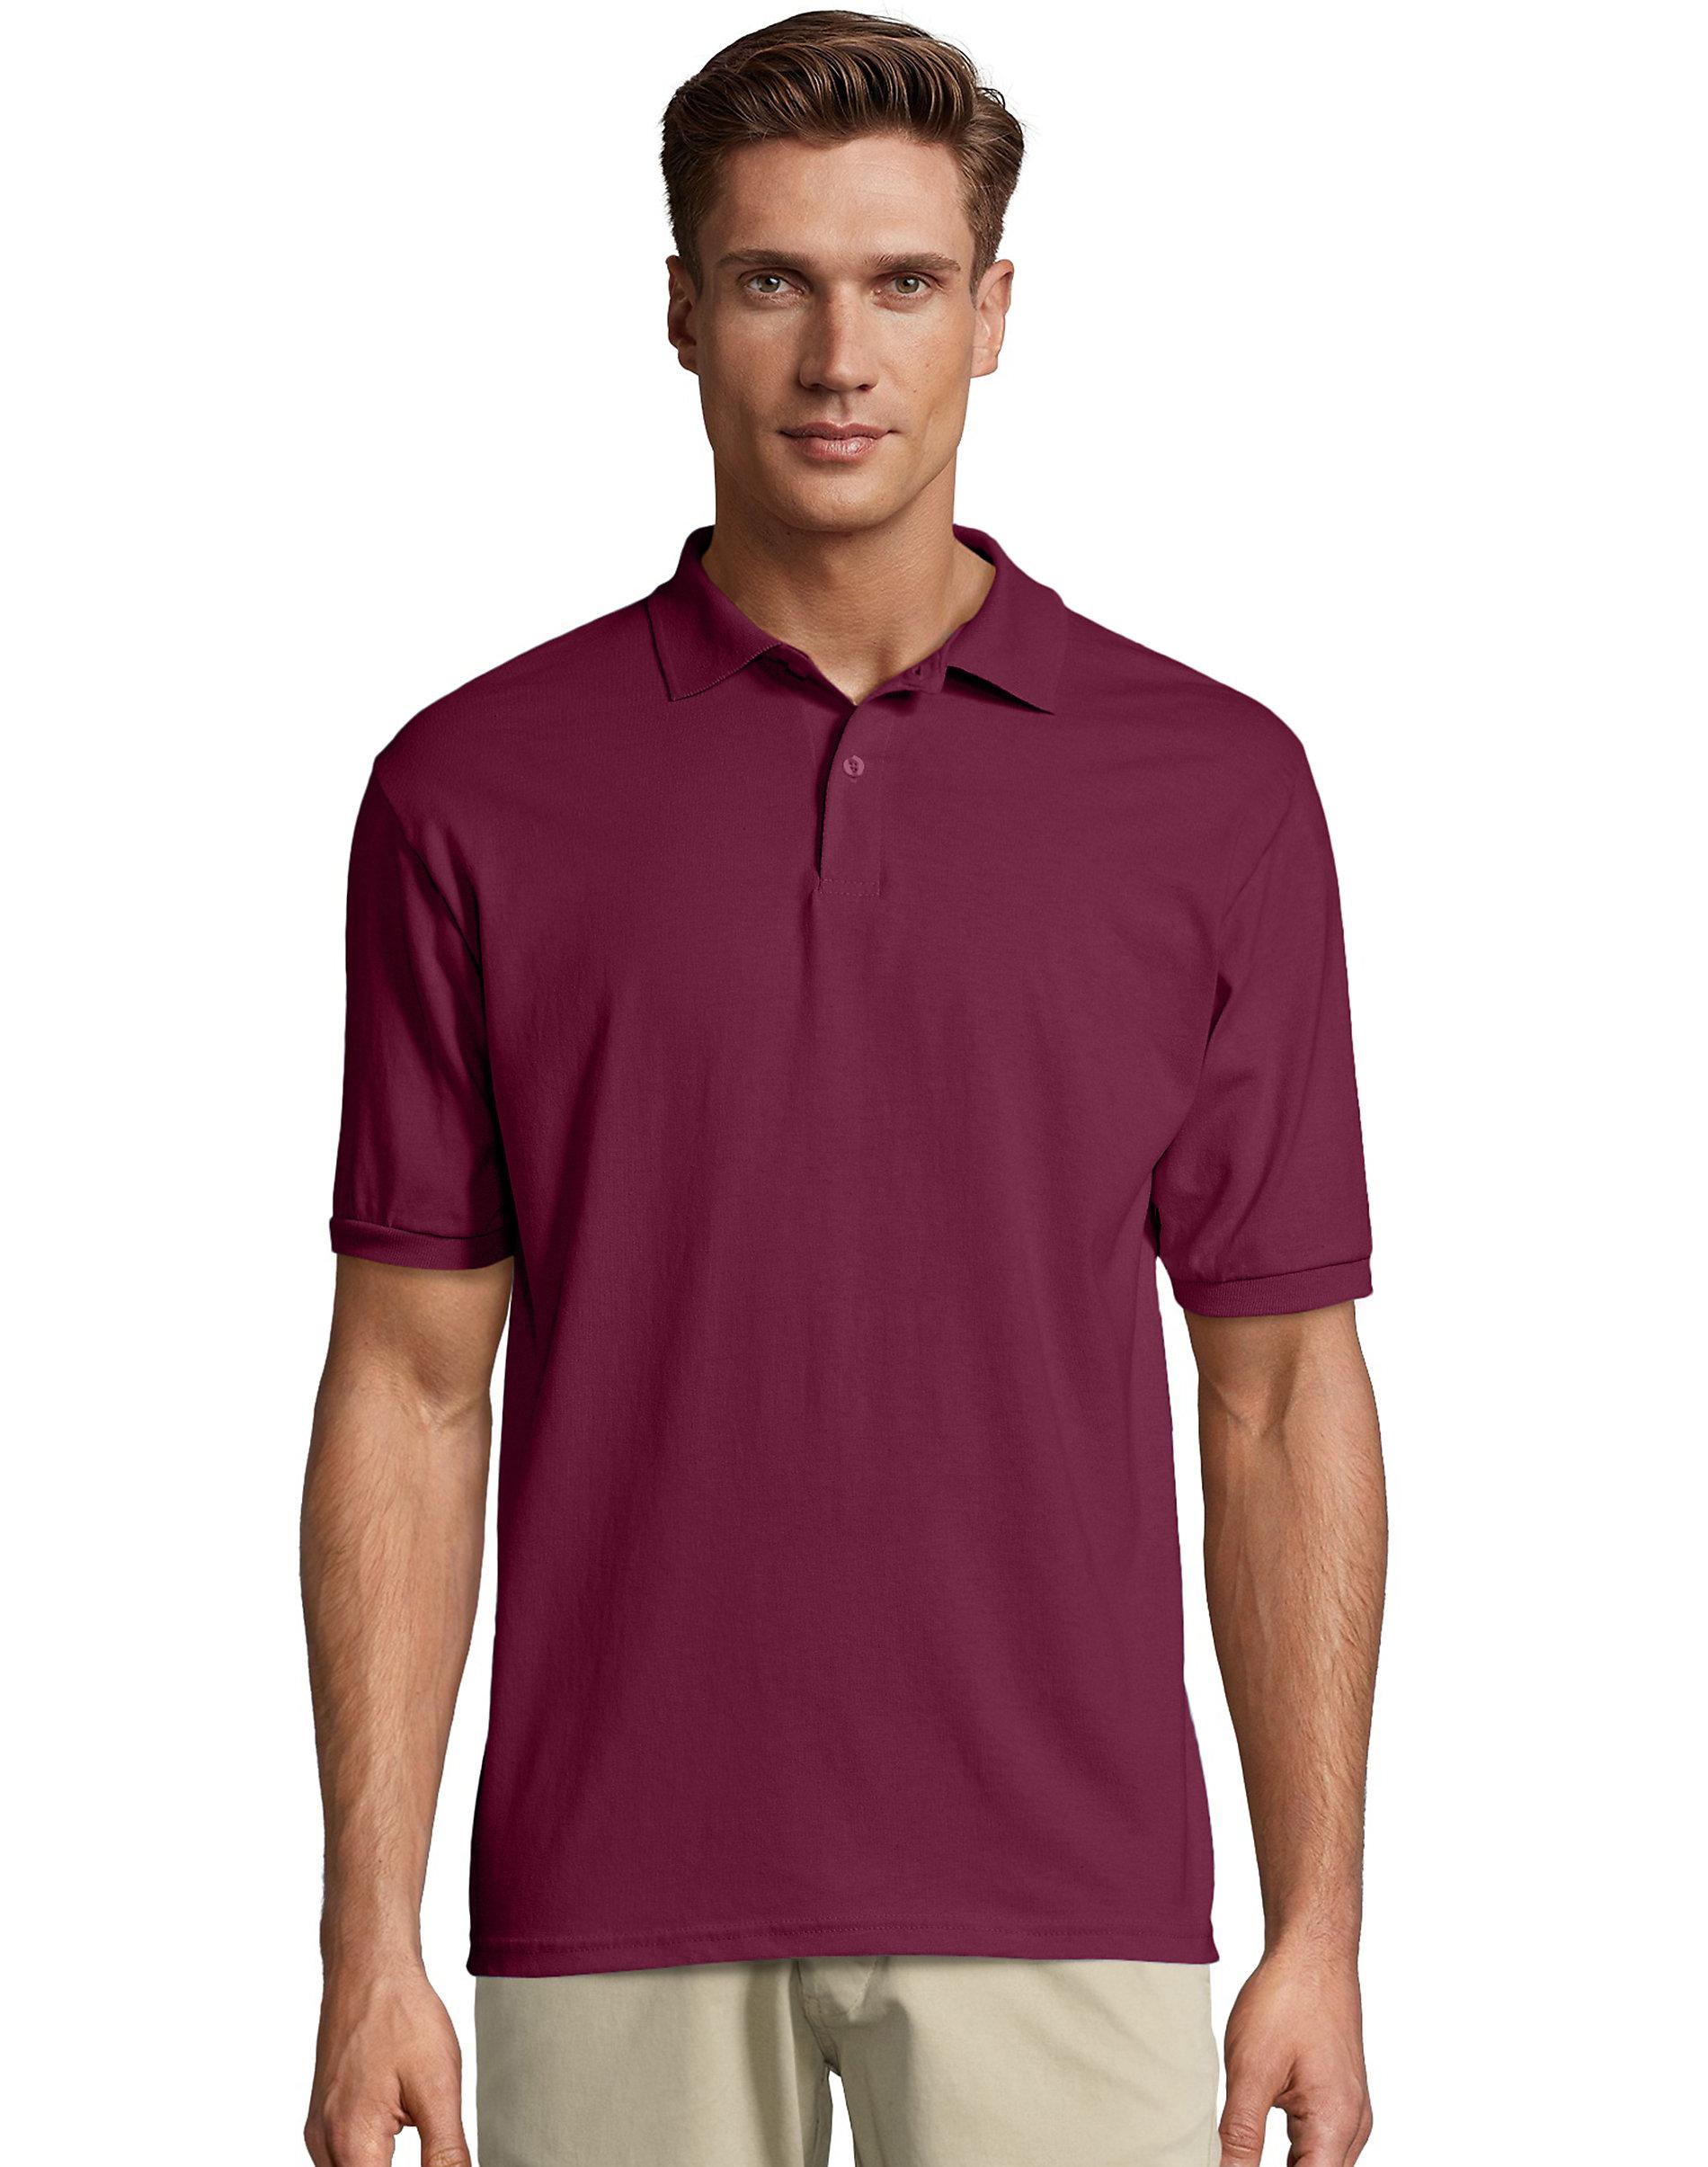 Hanes-Golf-Tee-Men-039-s-Polo-Shirt-Cotton-Blend-EcoSmart-Jersey-Men-039-s-Sport-Comfort